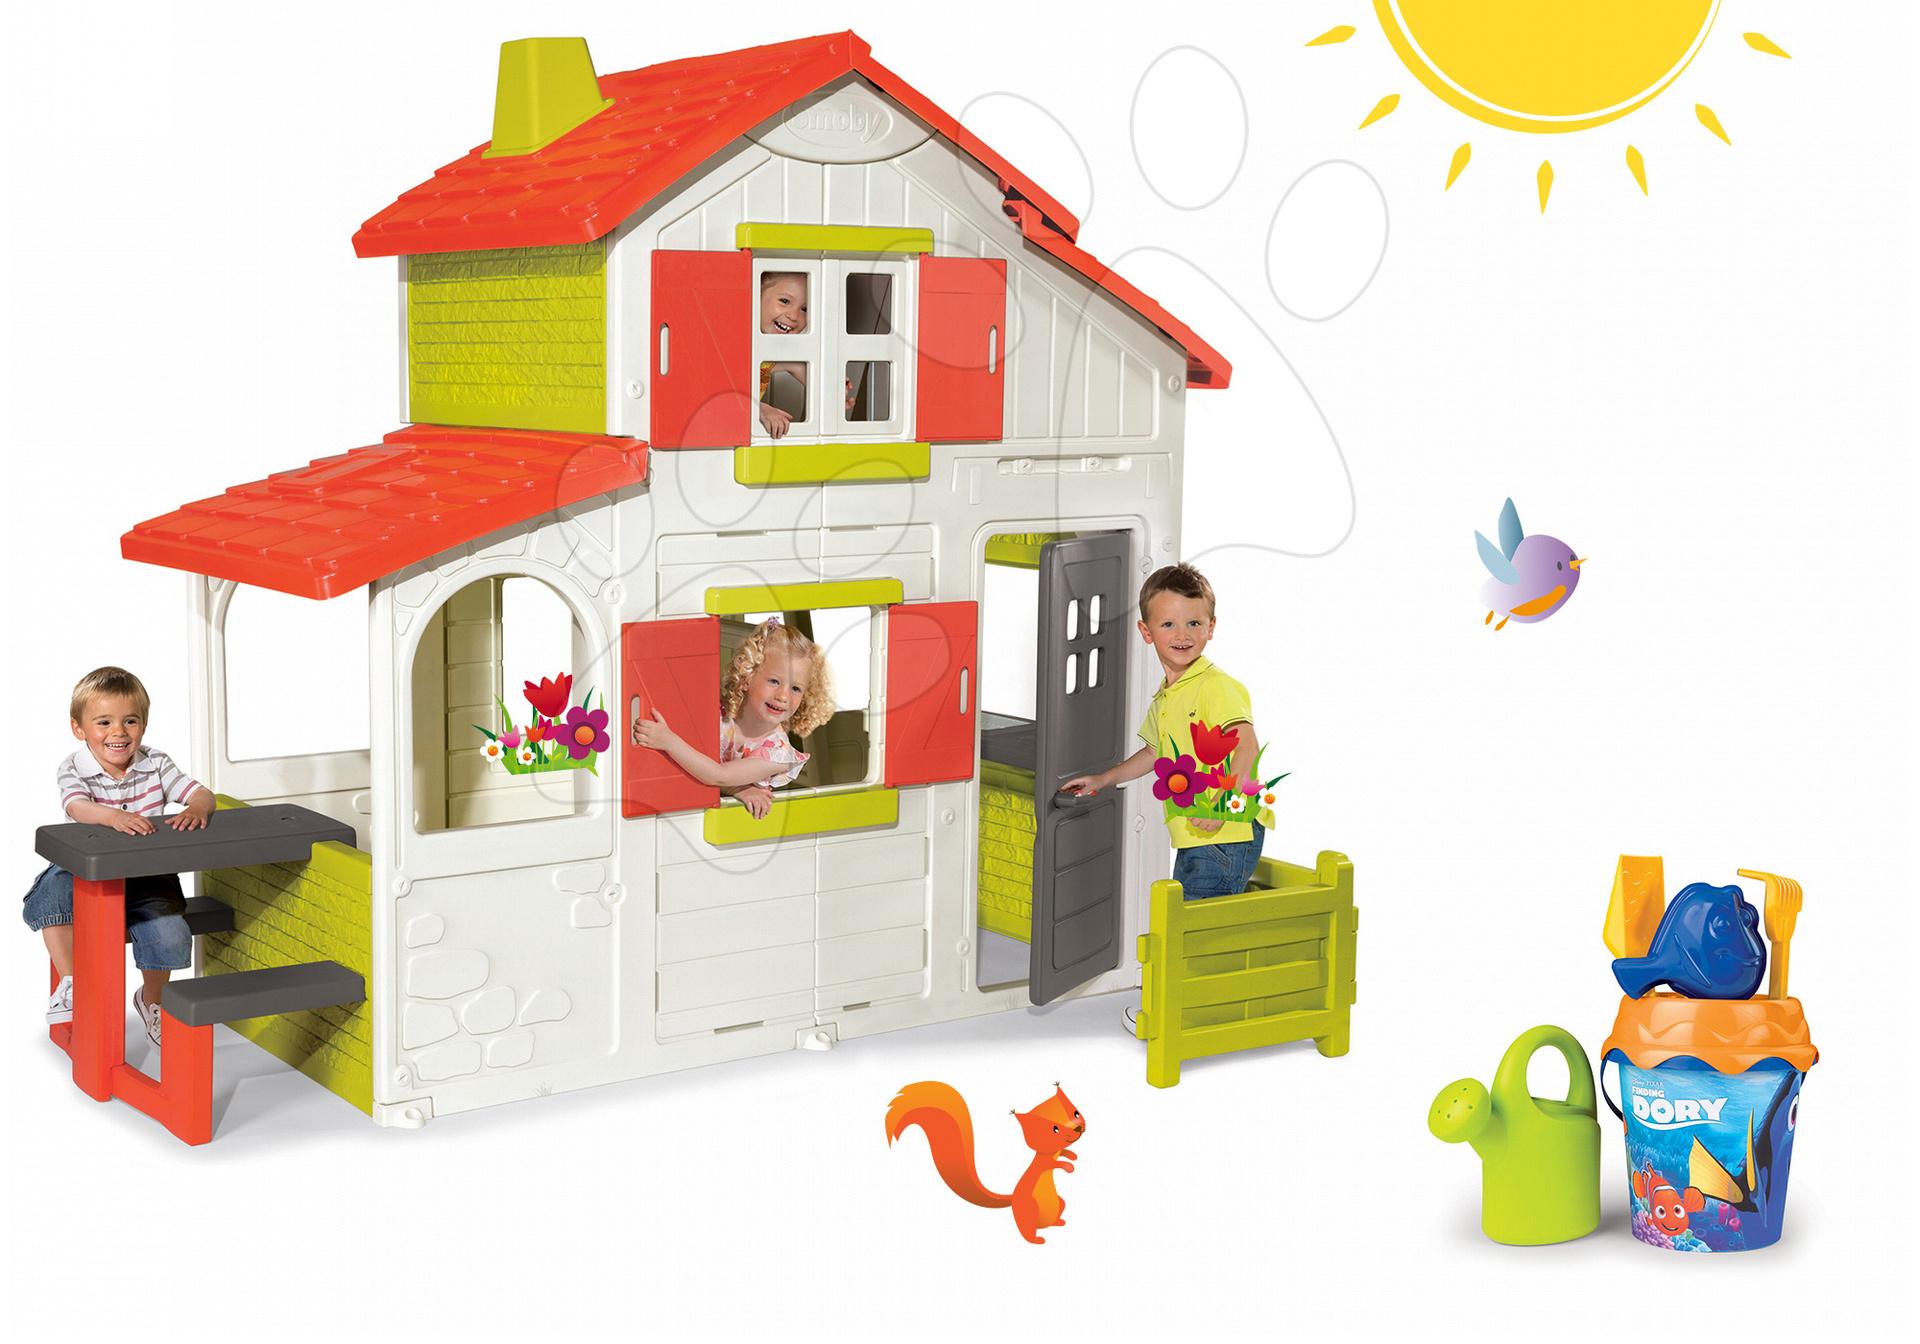 Domčeky pre deti - Set domček Duplex Smoby poschodový s predzáhradkou a vedro set Dory